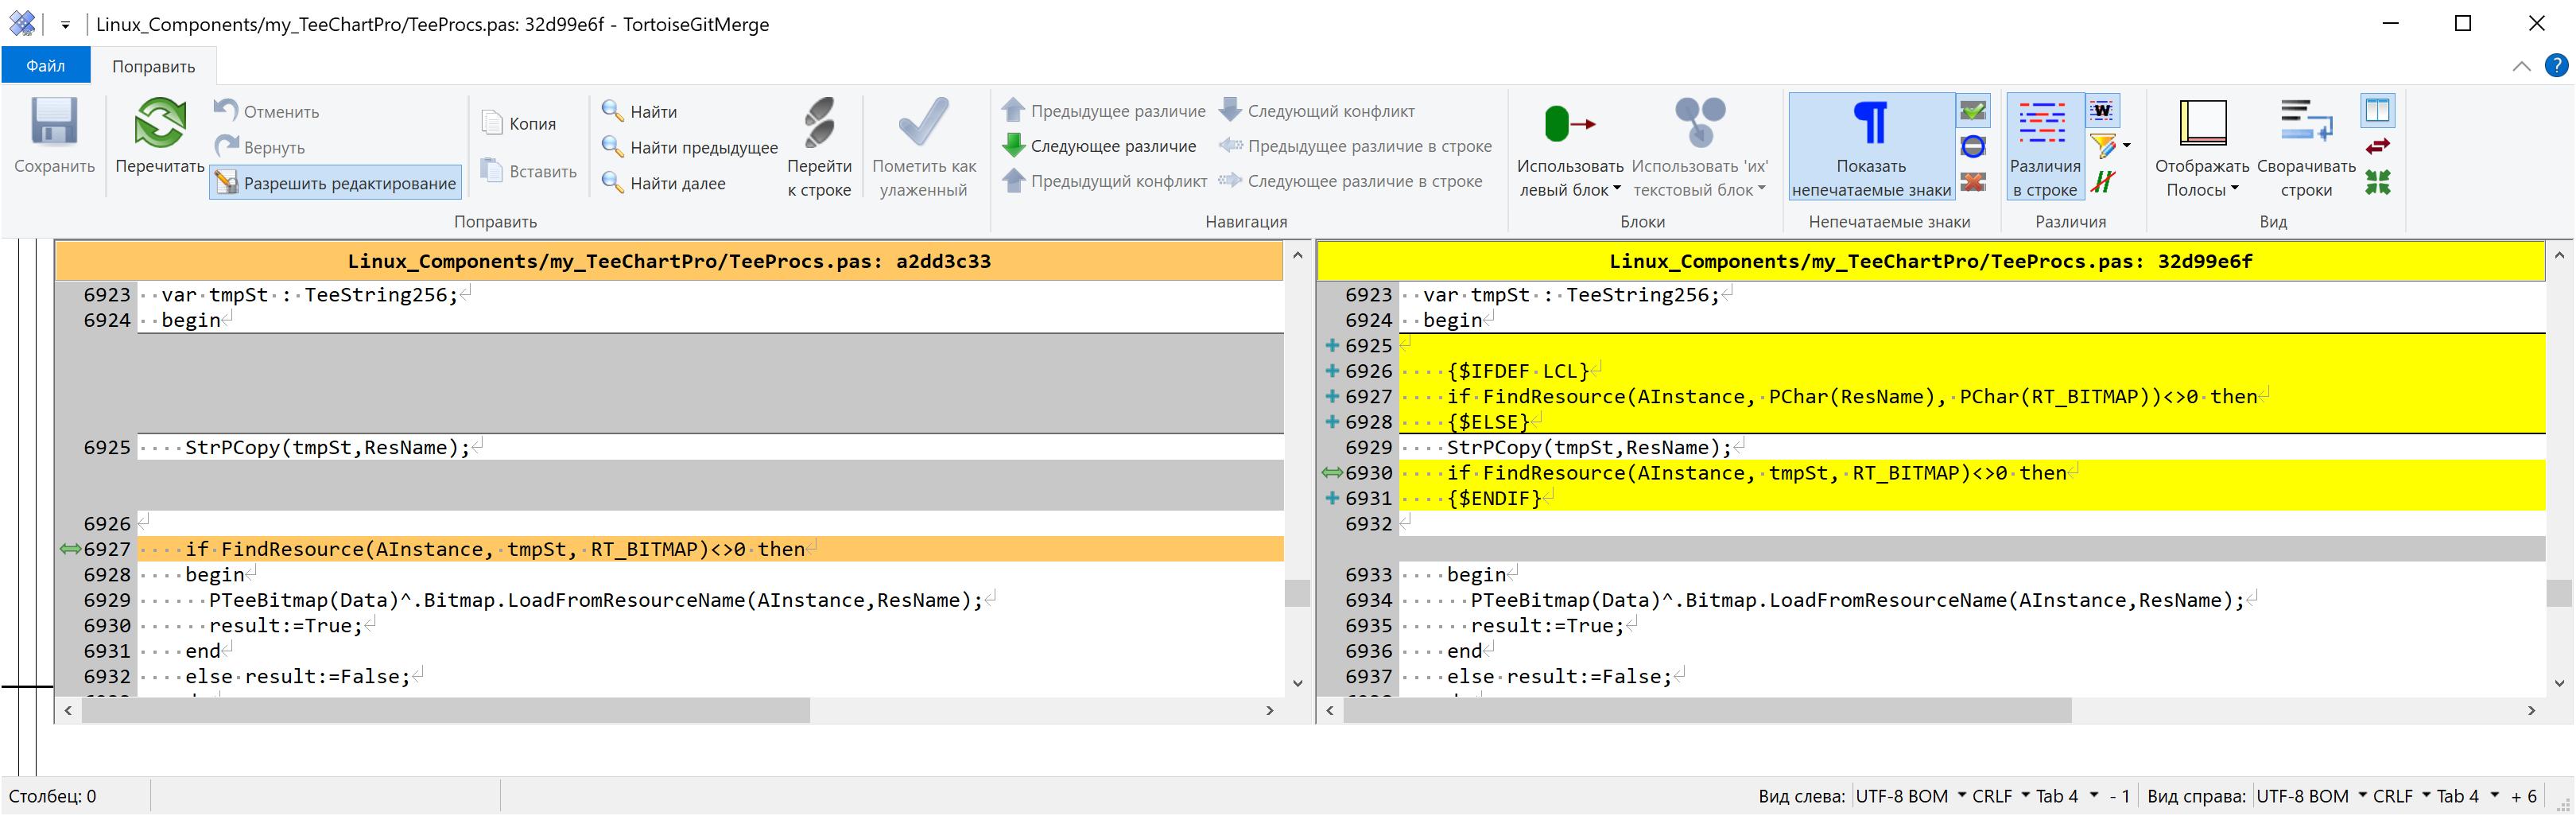 Особенности портирования сложного модульного ПО написанного на Delphi под ОС Linux - 11